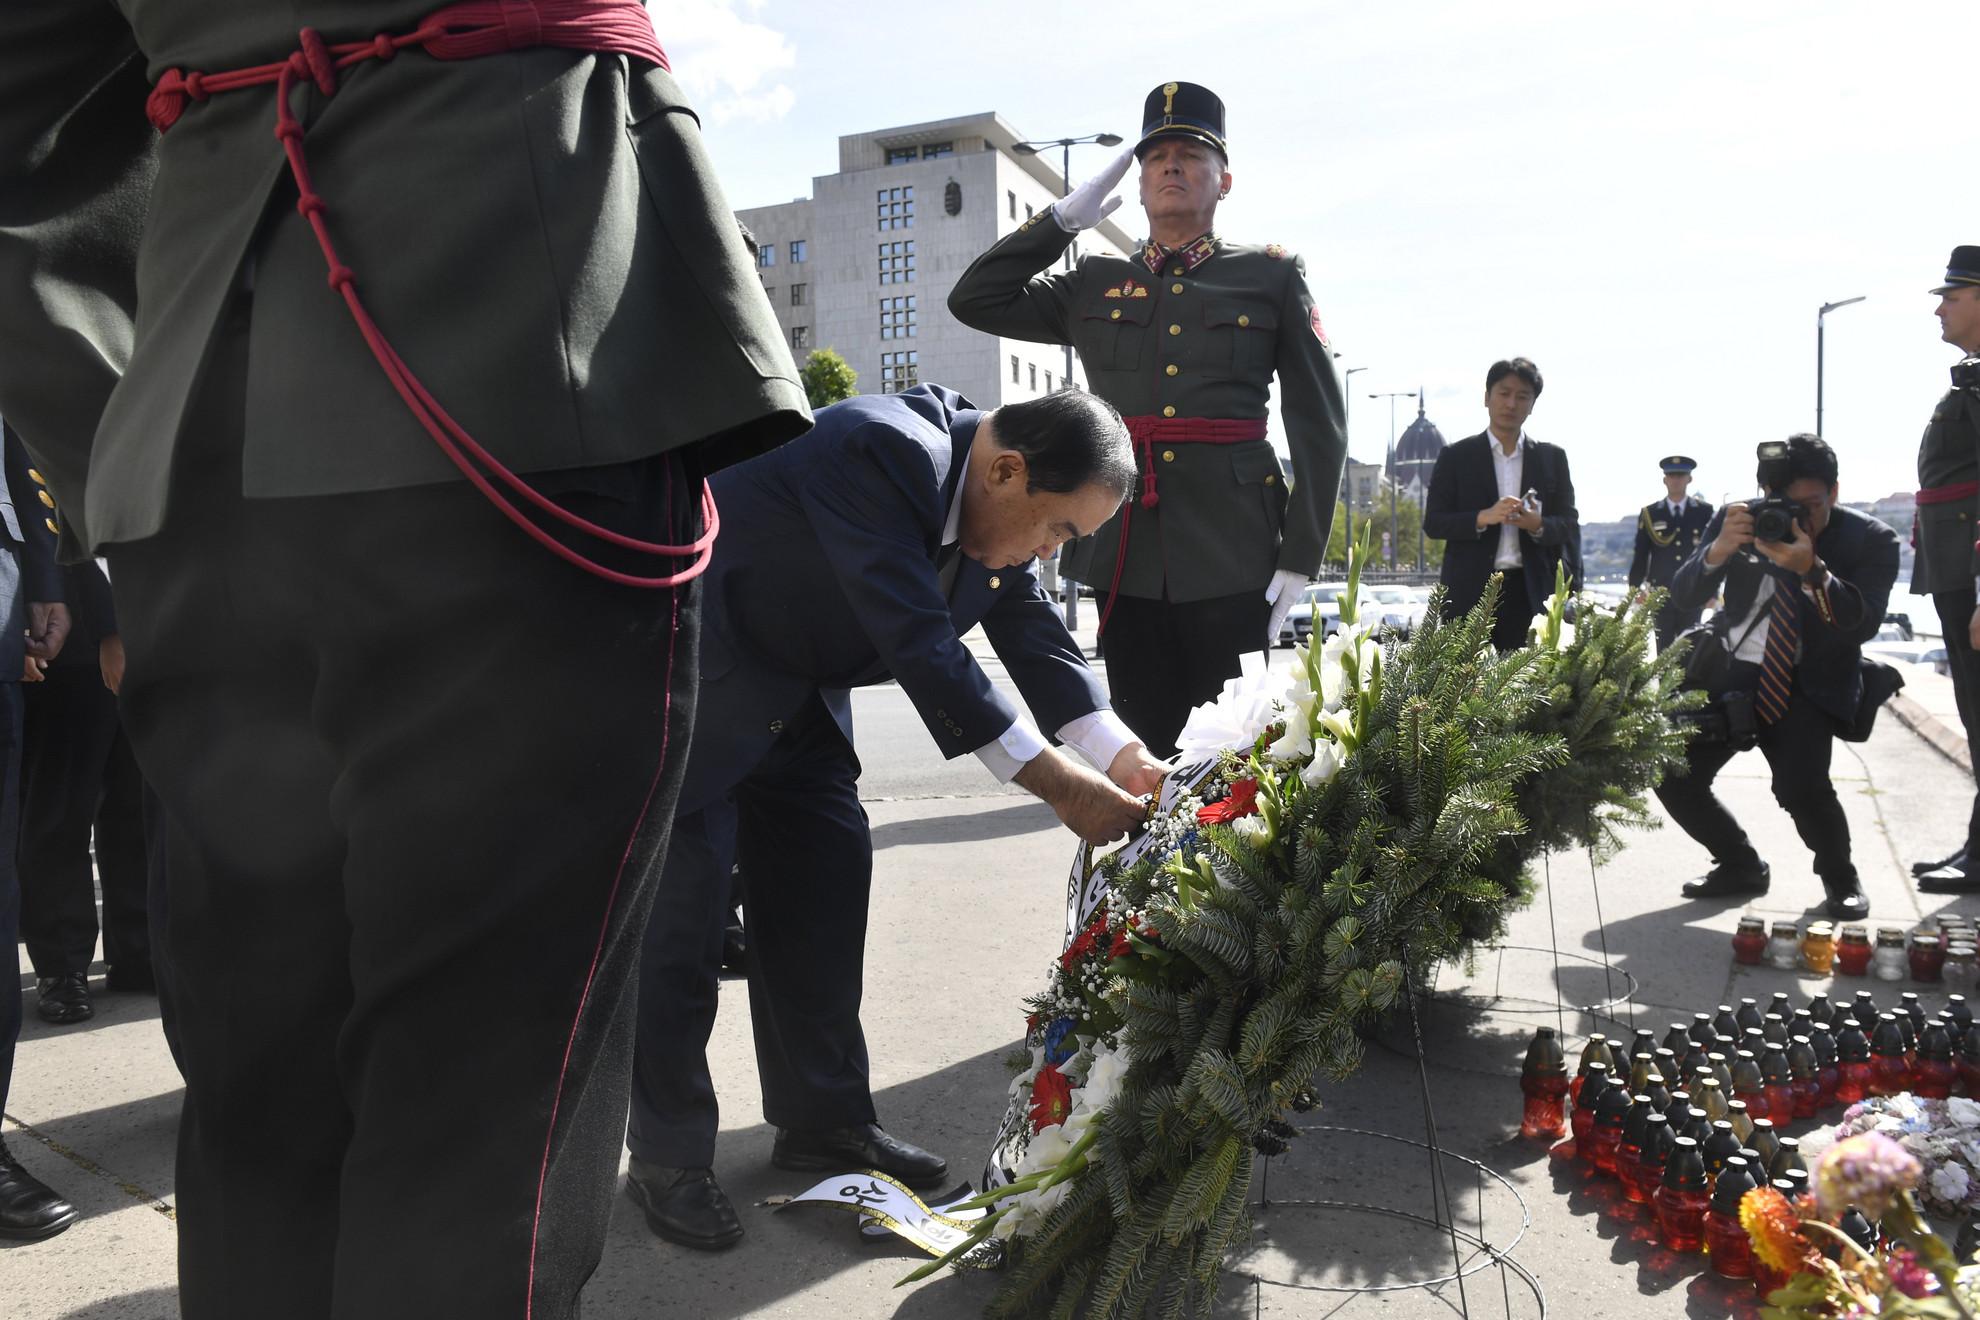 Mun Hi Szang, a dél-koreai nemzetgyűlés elnöke koszorút helyez el a május végi dunai hajóbaleset áldozatainak emlékére a Margit híd pesti hídfőjénél 2019. szeptember 20-án